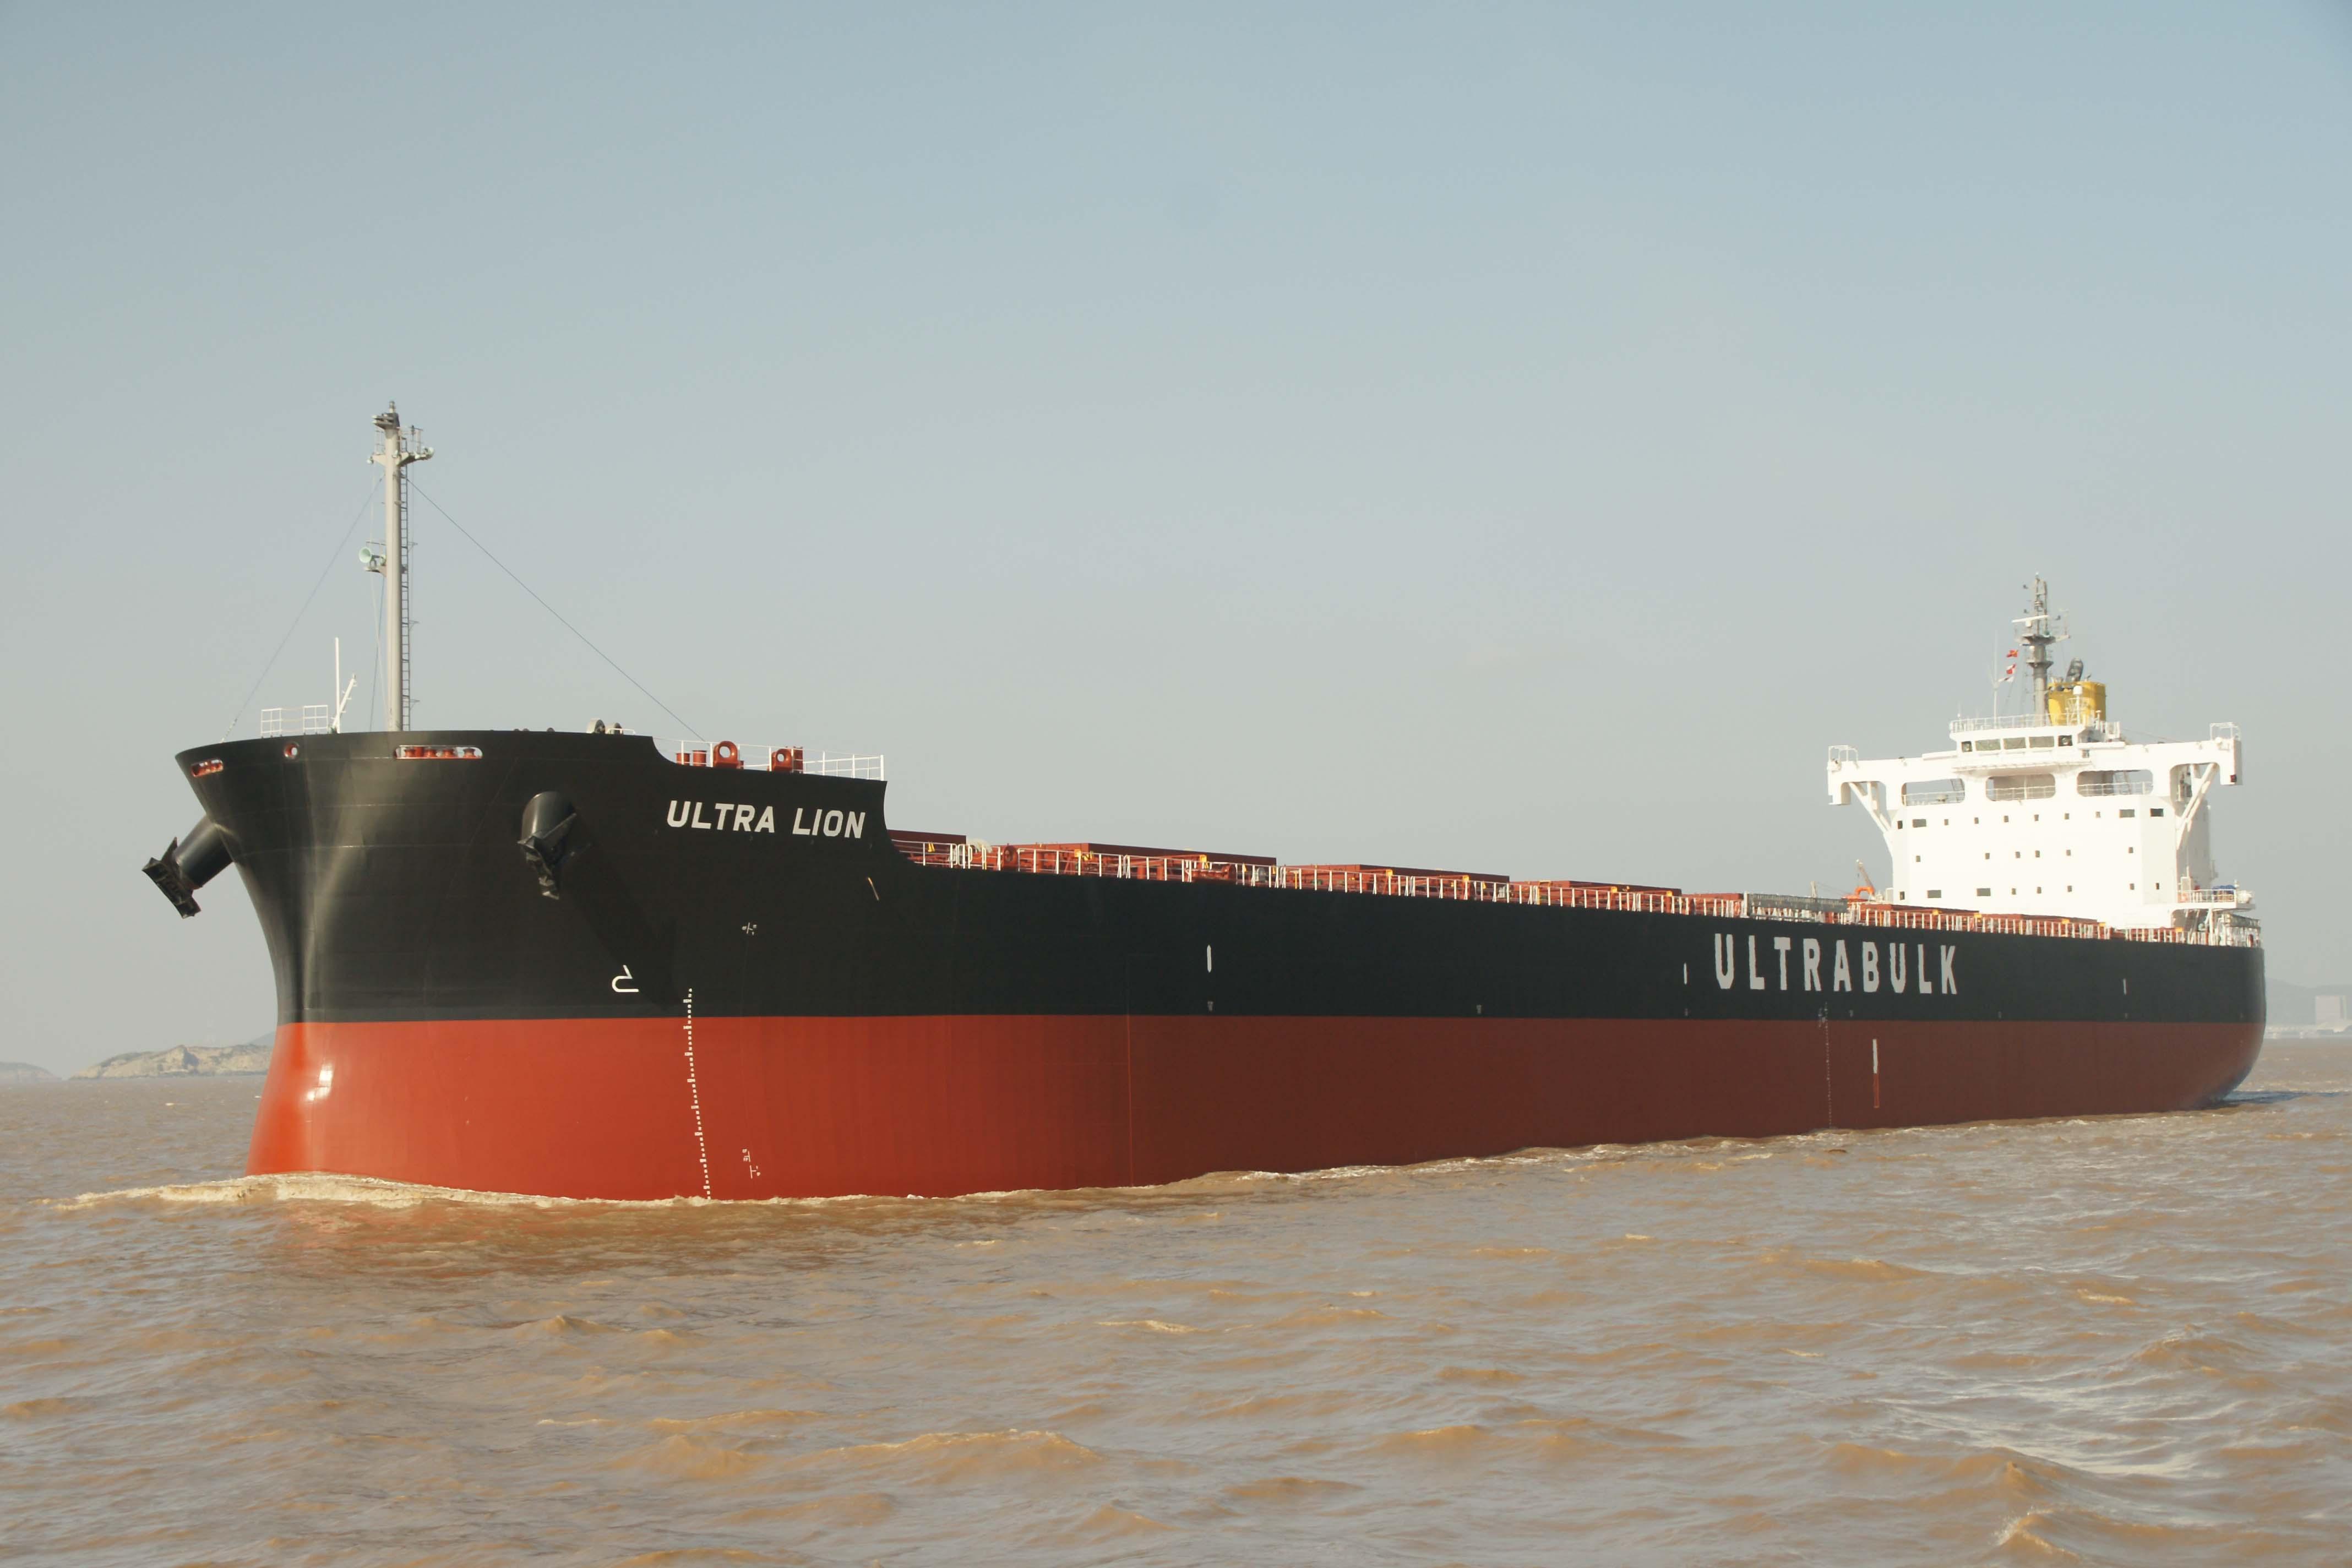 常石造船オリジナル船型の8万2,000トン型ばら積み貨物船 KAMSARMAX BC(カムサマックスバルカー) 9年11カ月で建造200隻達成